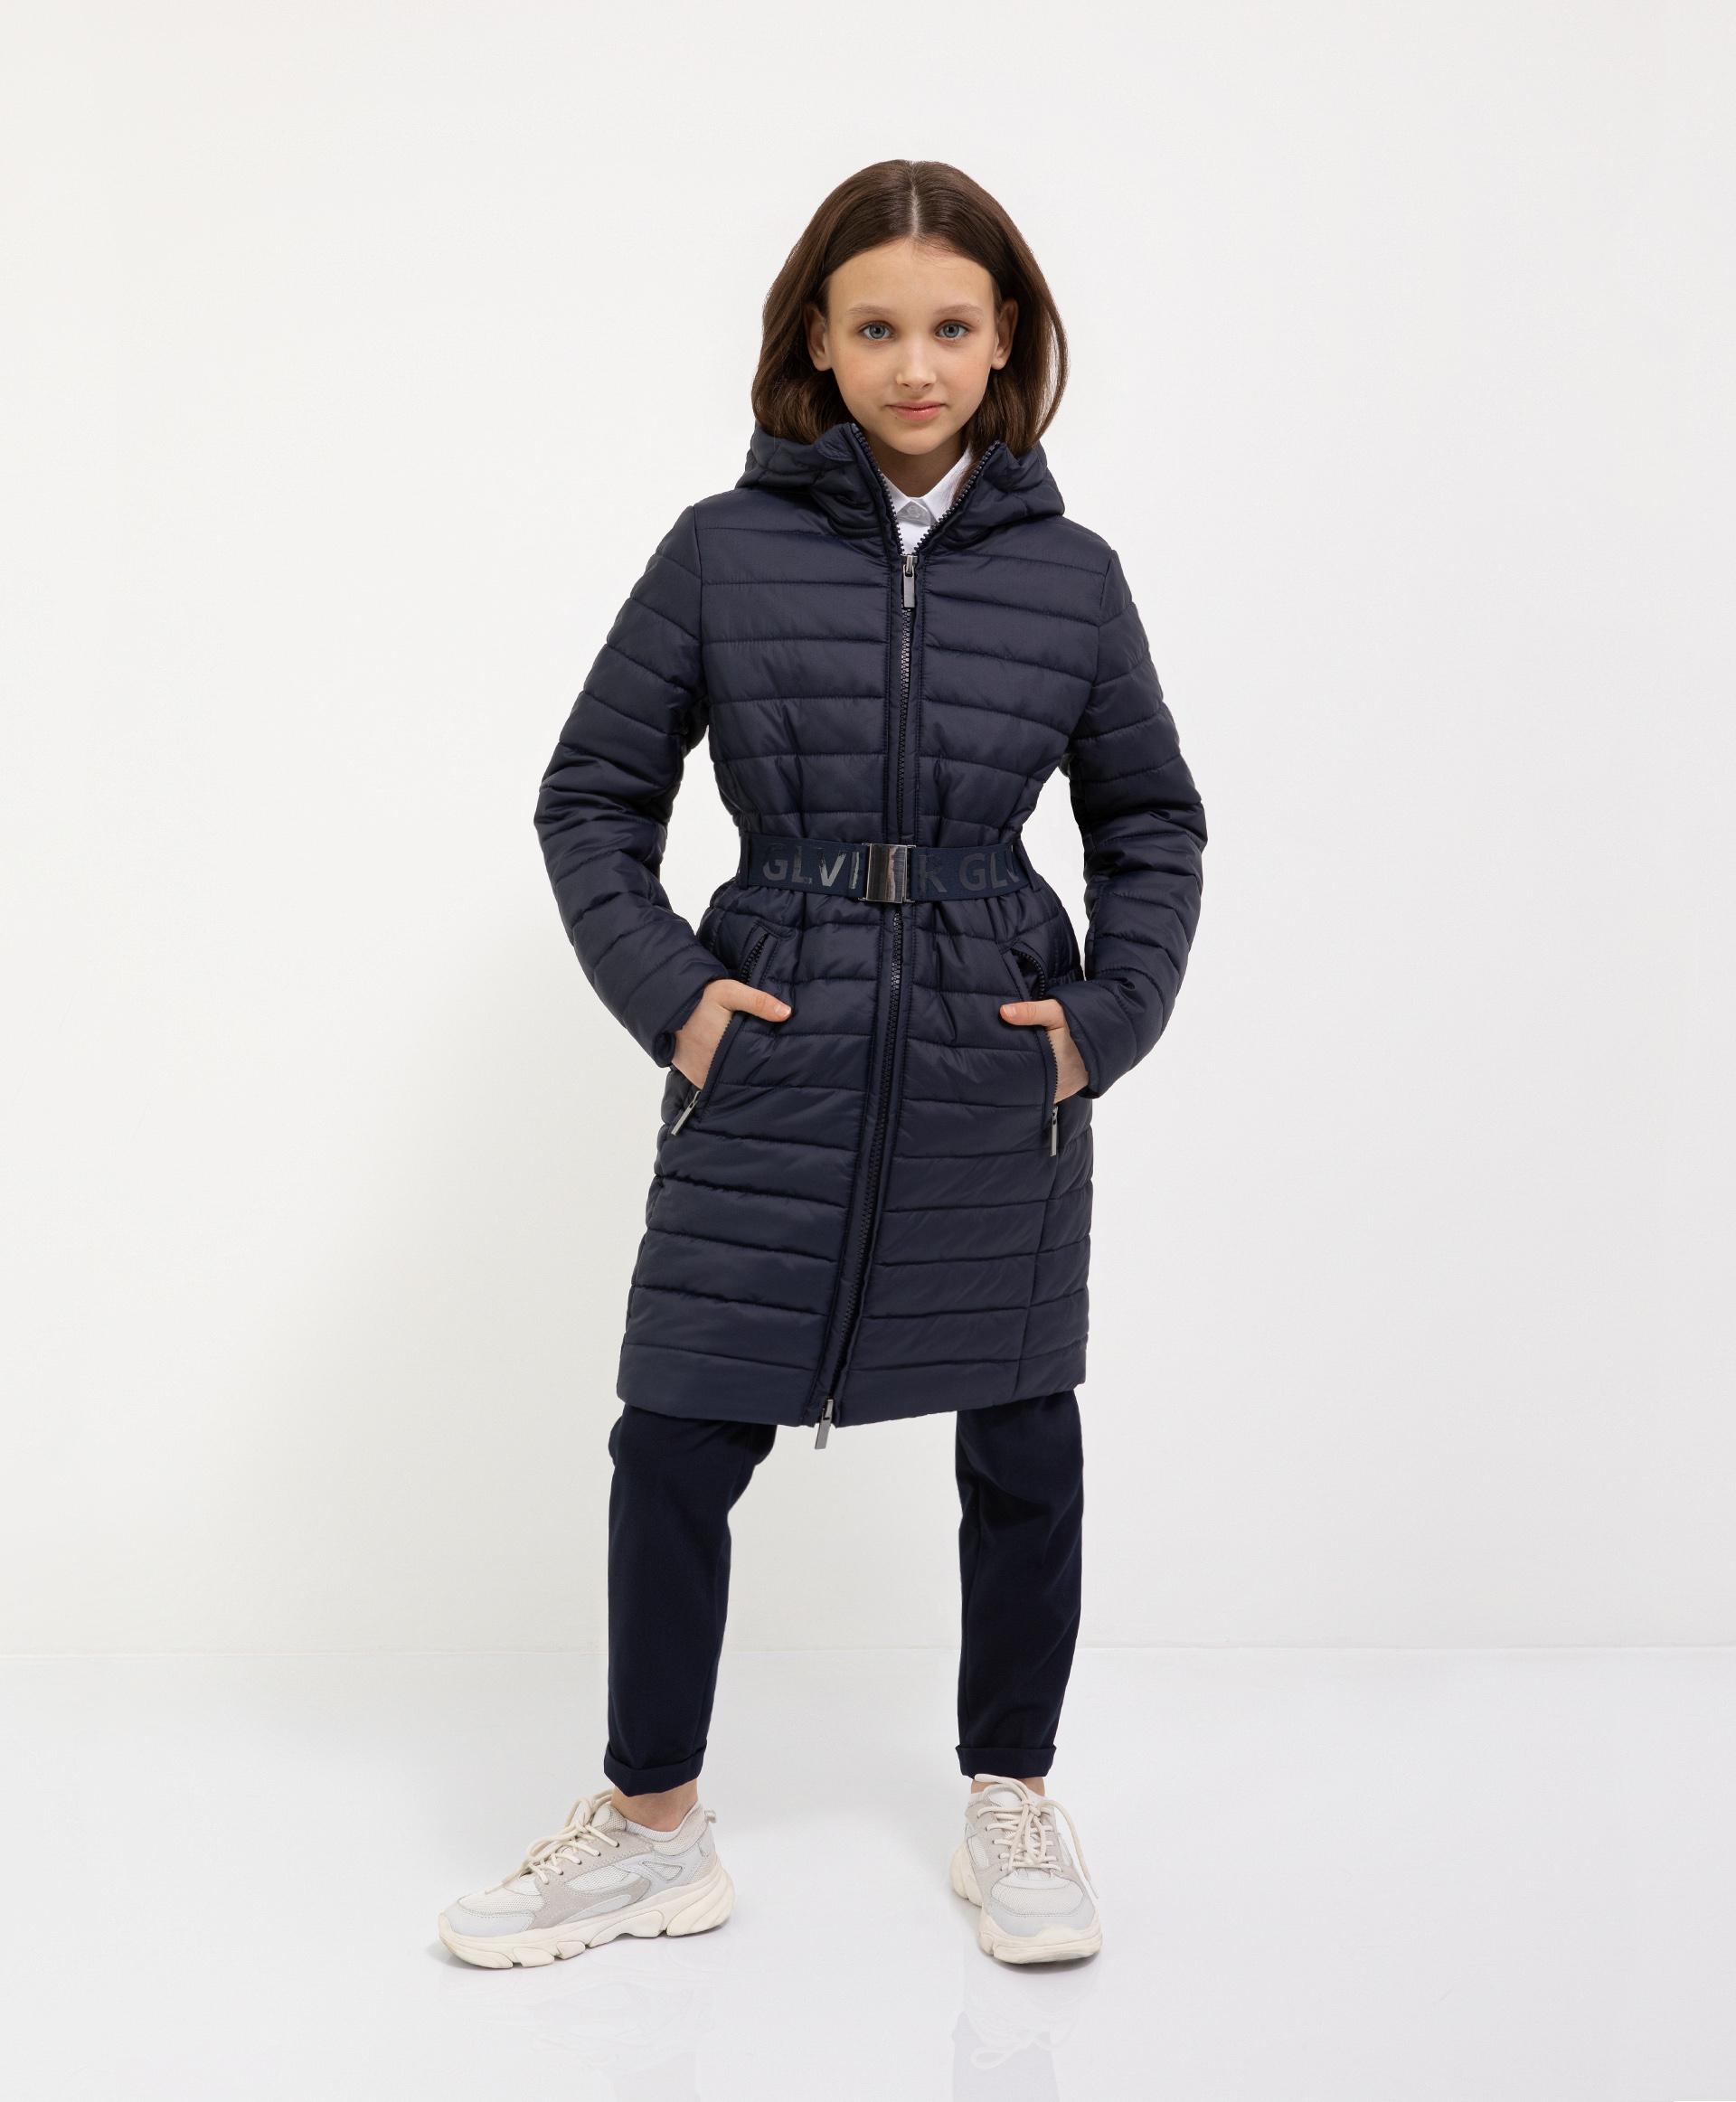 Купить 221GSGC4502, Пальто синее с капюшоном демисезонное Gulliver, 152, Женский, ШКОЛЬНАЯ ФОРМА 2021-2022 (shop: GulliverMarket Gulliver Market)